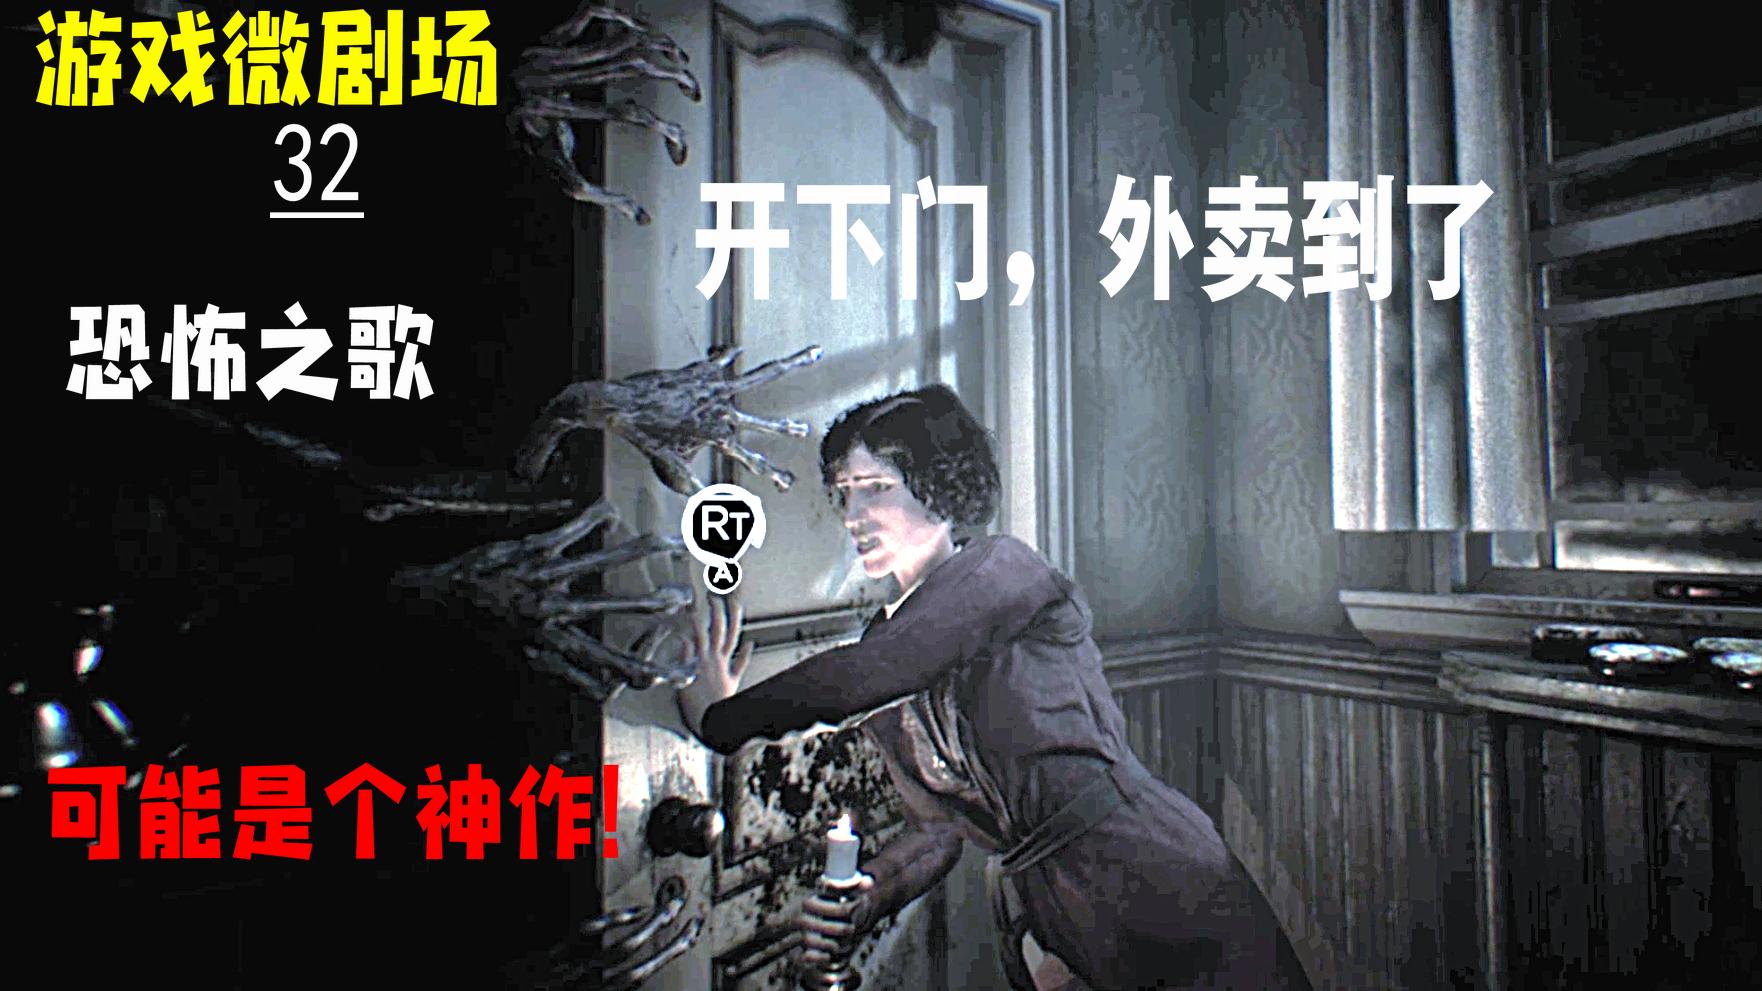 【游戏读品】主角不够死的神作《恐怖之歌》的故事